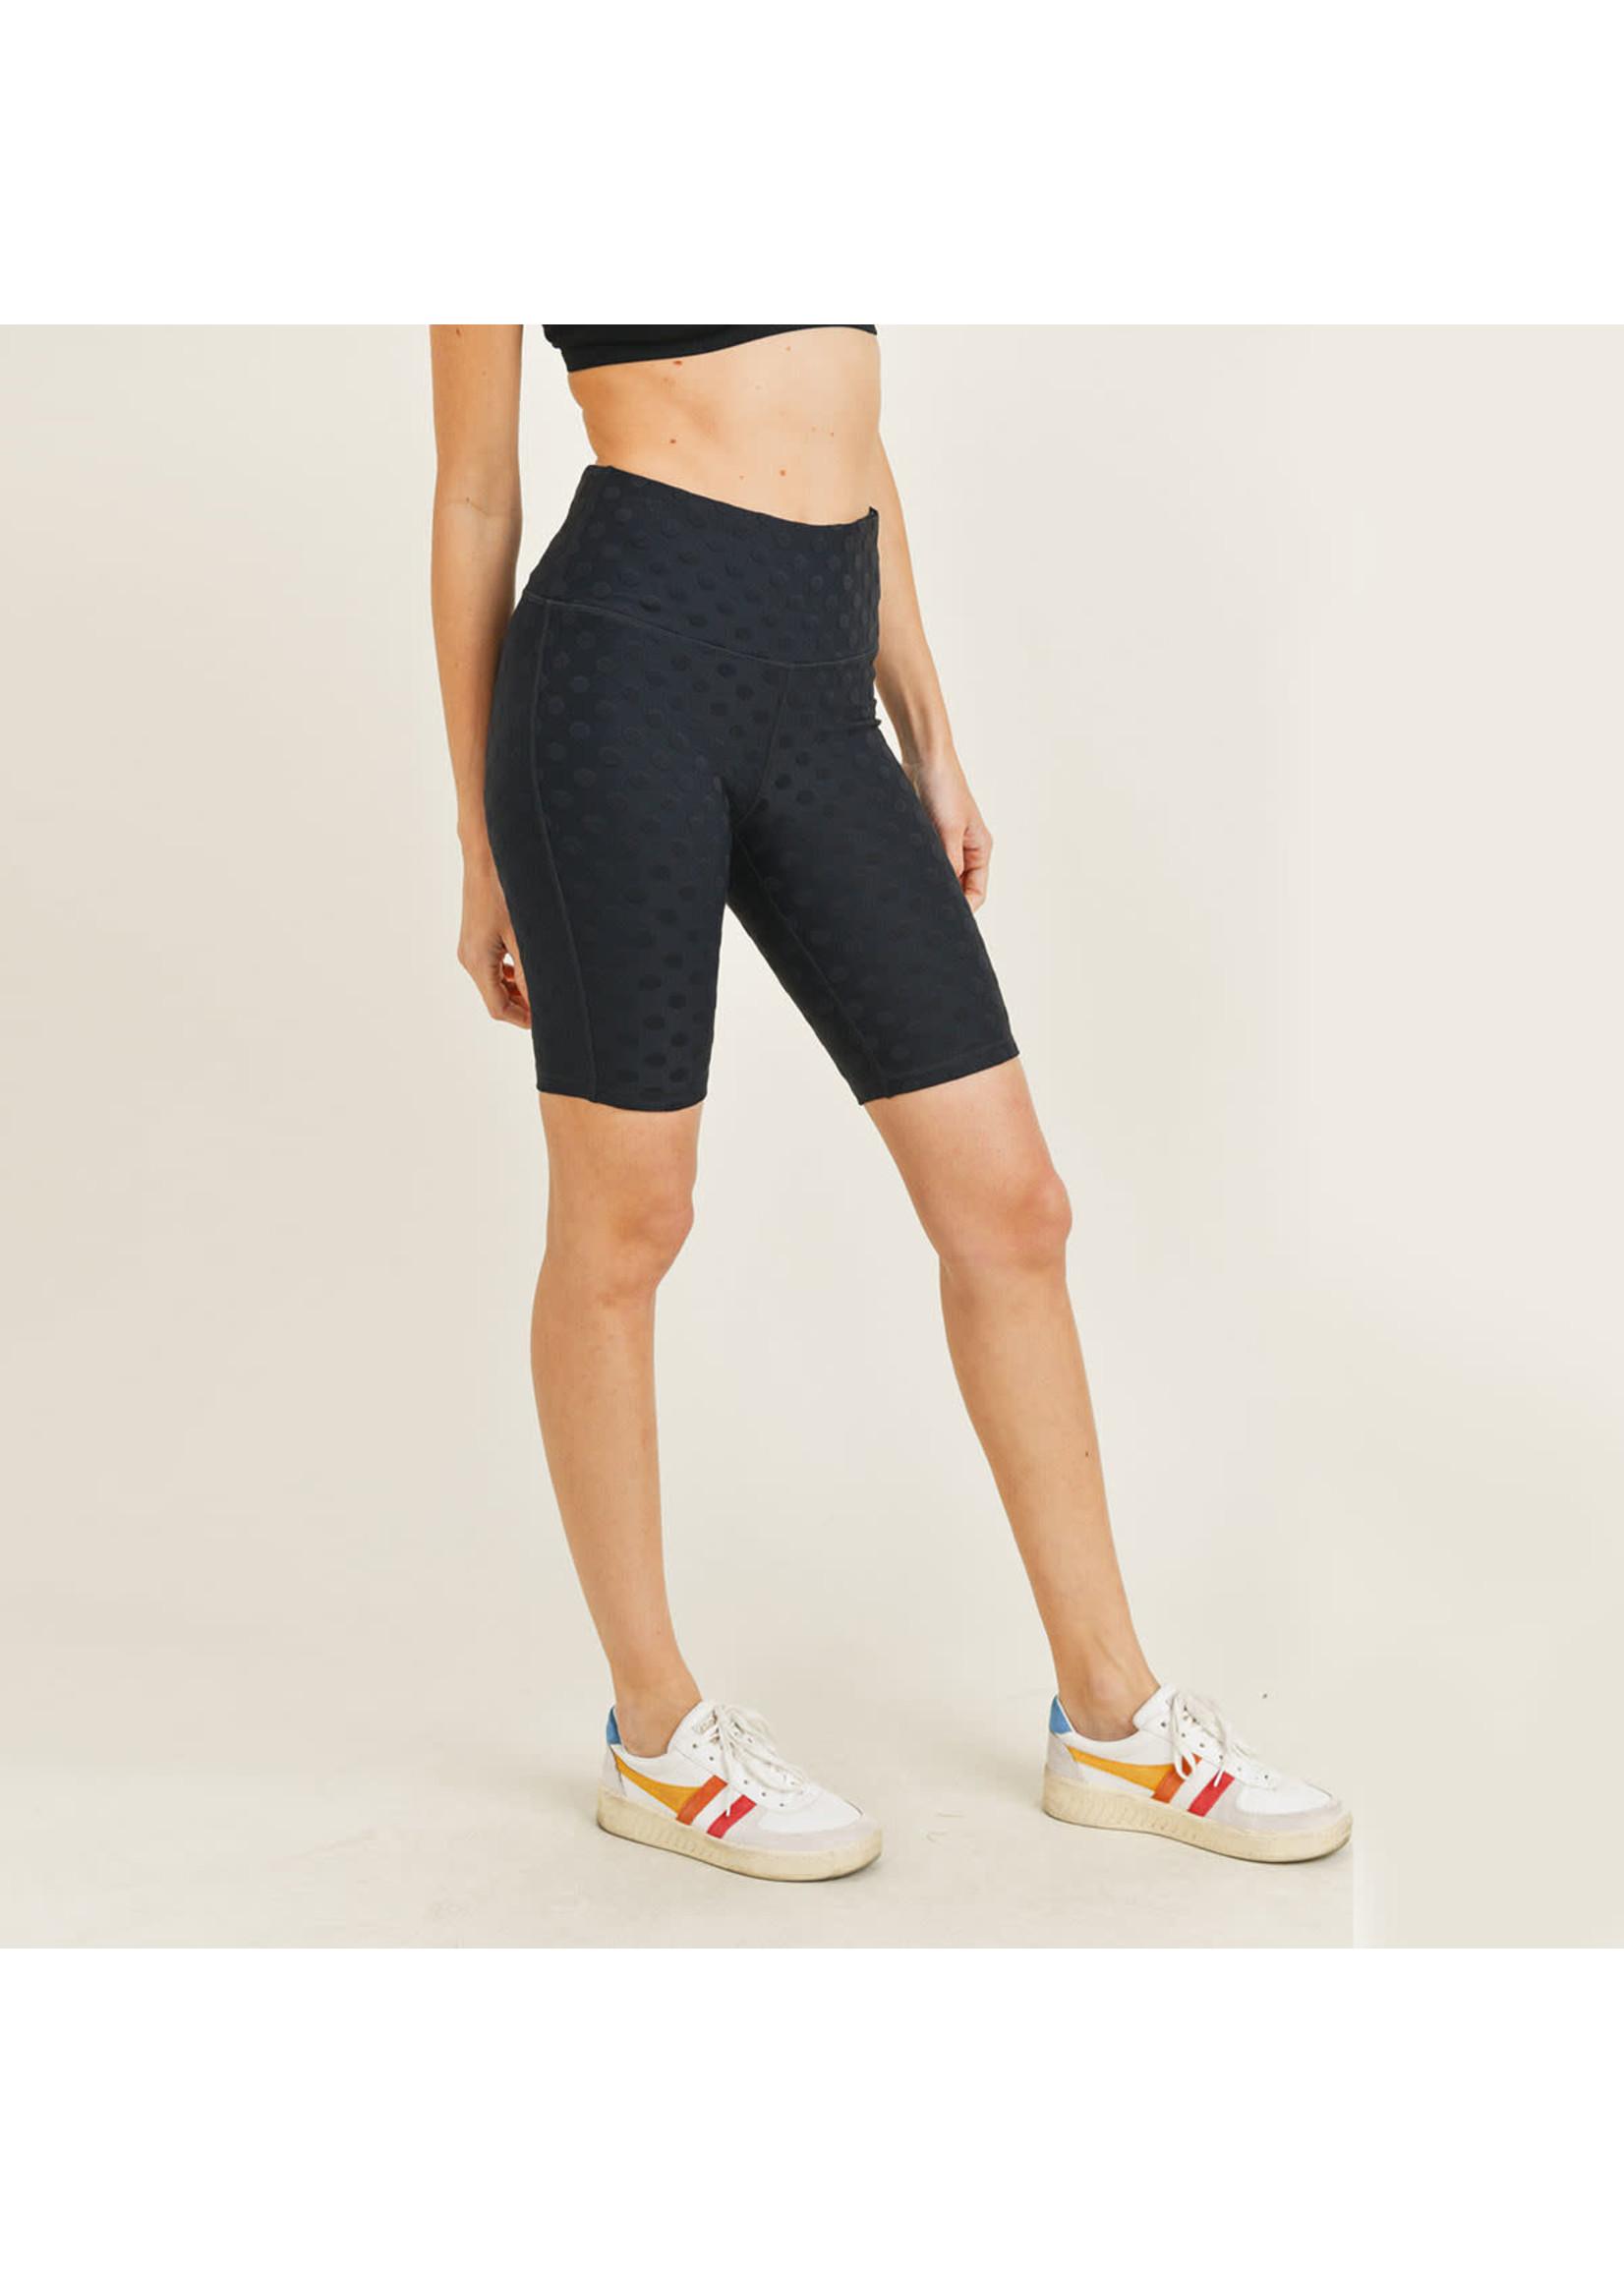 Mono B Black Polkadot Biker Shorts